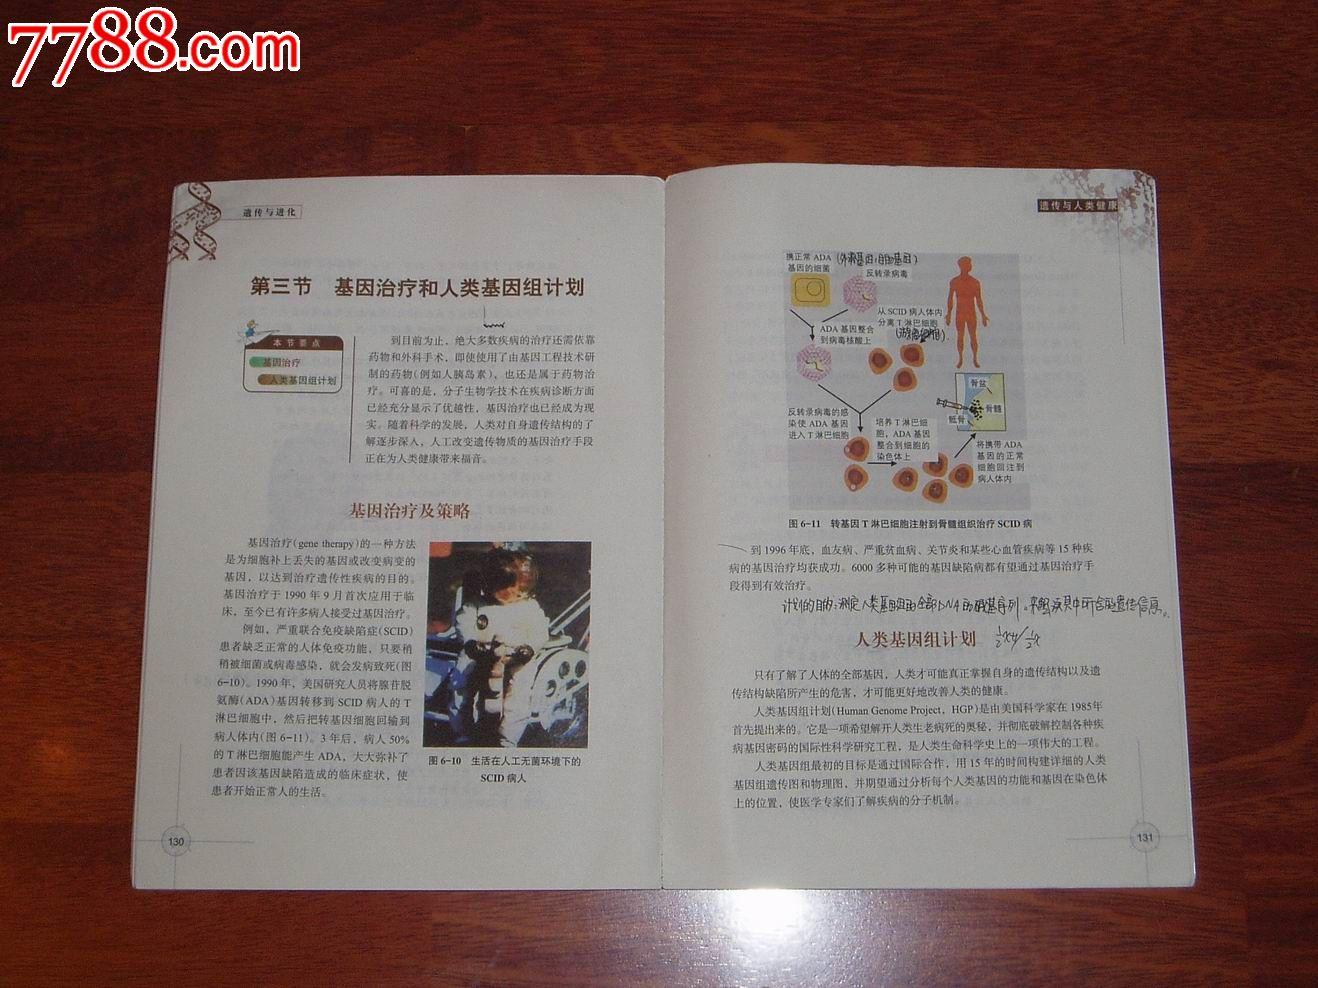 普通高中标准课程必修教科书生物学(实验2)遗祖国手抄报高中图片